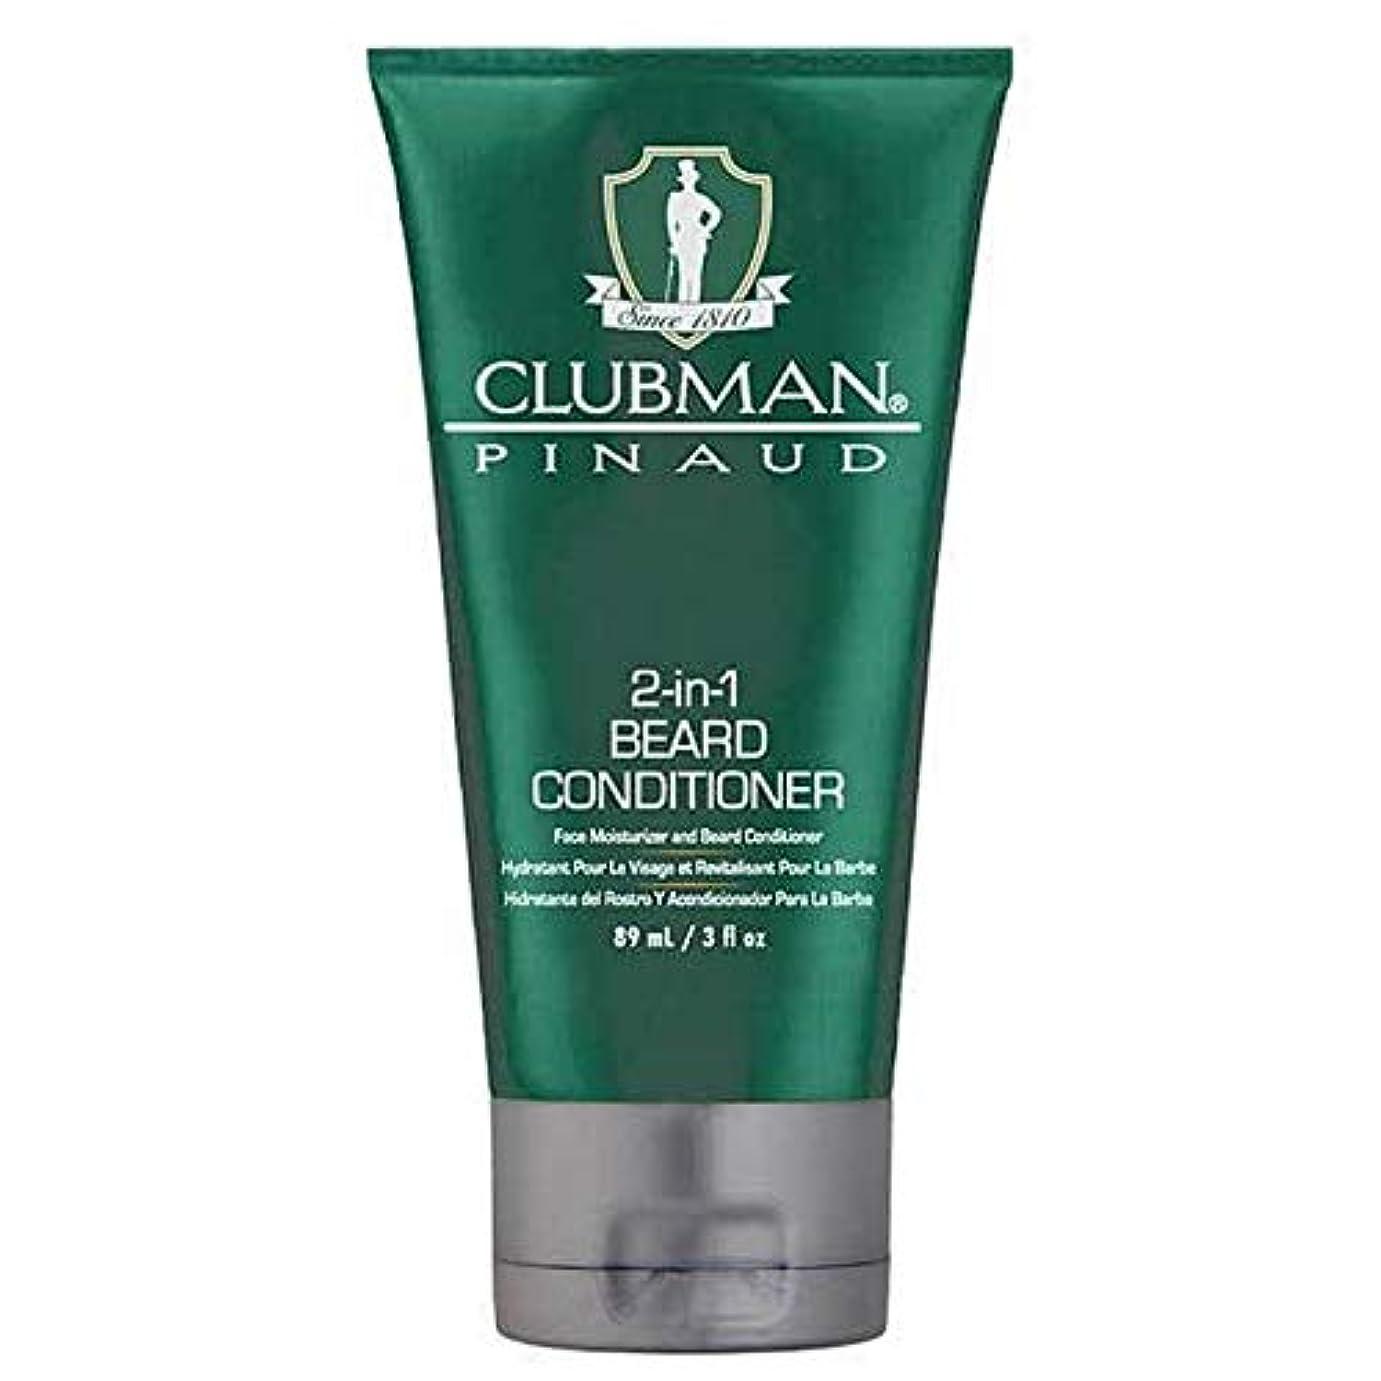 宣言爆発する司教[Clubman ] クラブマン2-In-1髭コンディショナー89ミリリットル - Clubman 2-in-1 Beard Conditioner 89ml [並行輸入品]